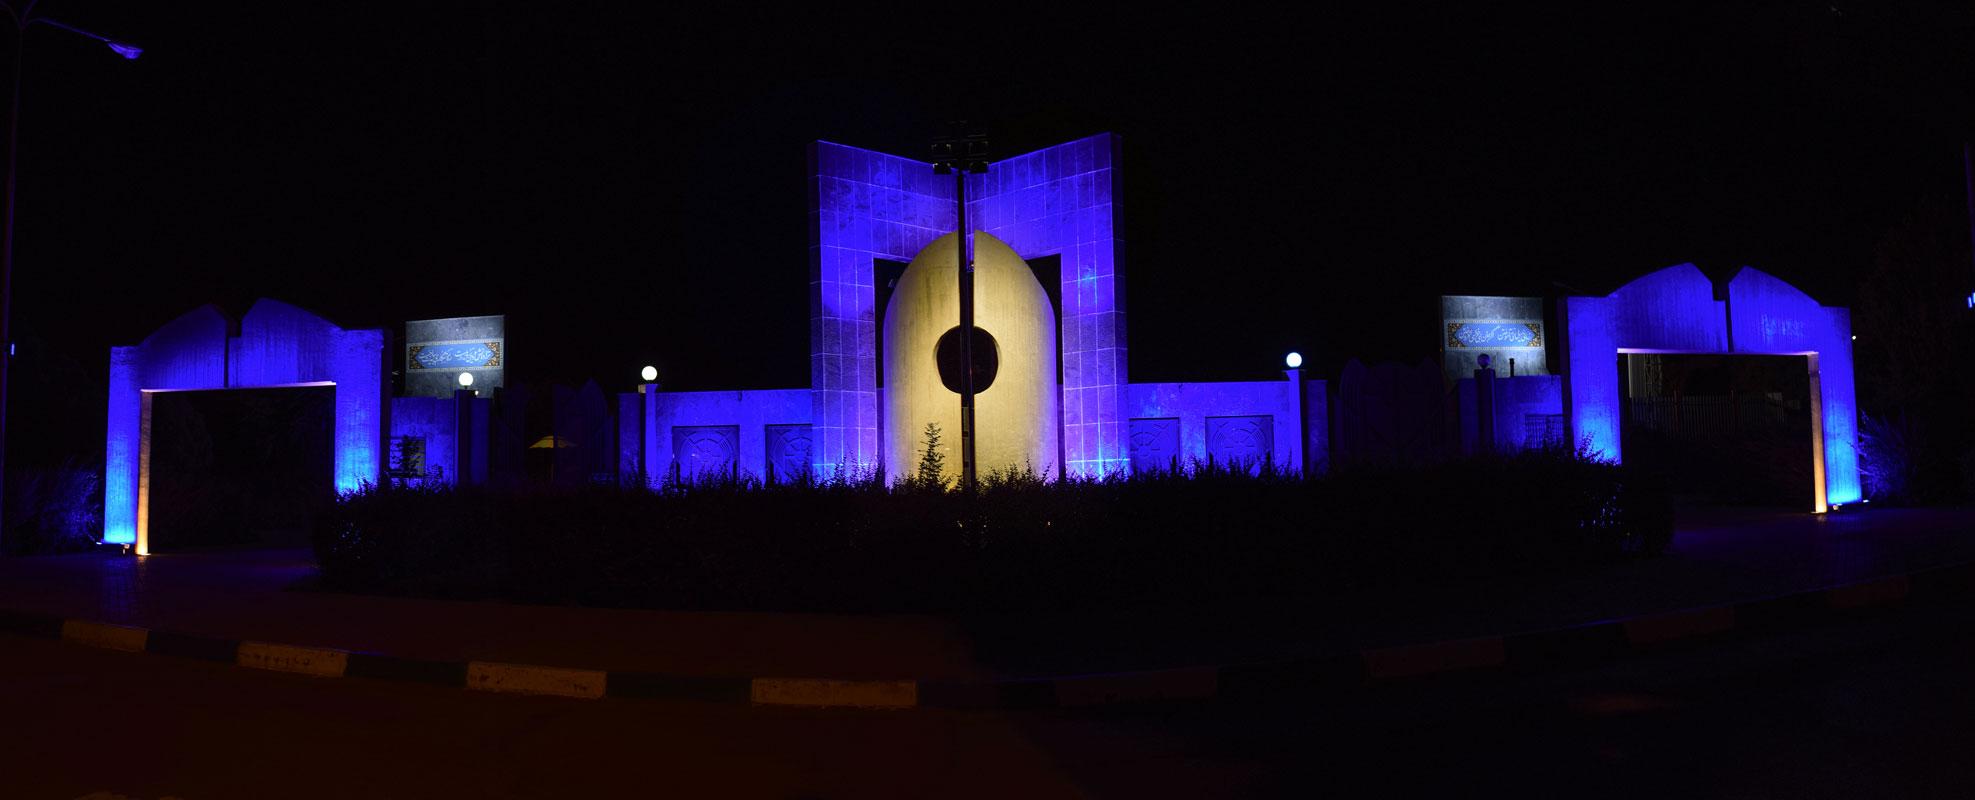 یک نما از نورپردازی اجرا شده سردر ورودی دانشگاه فردوسی مشهد